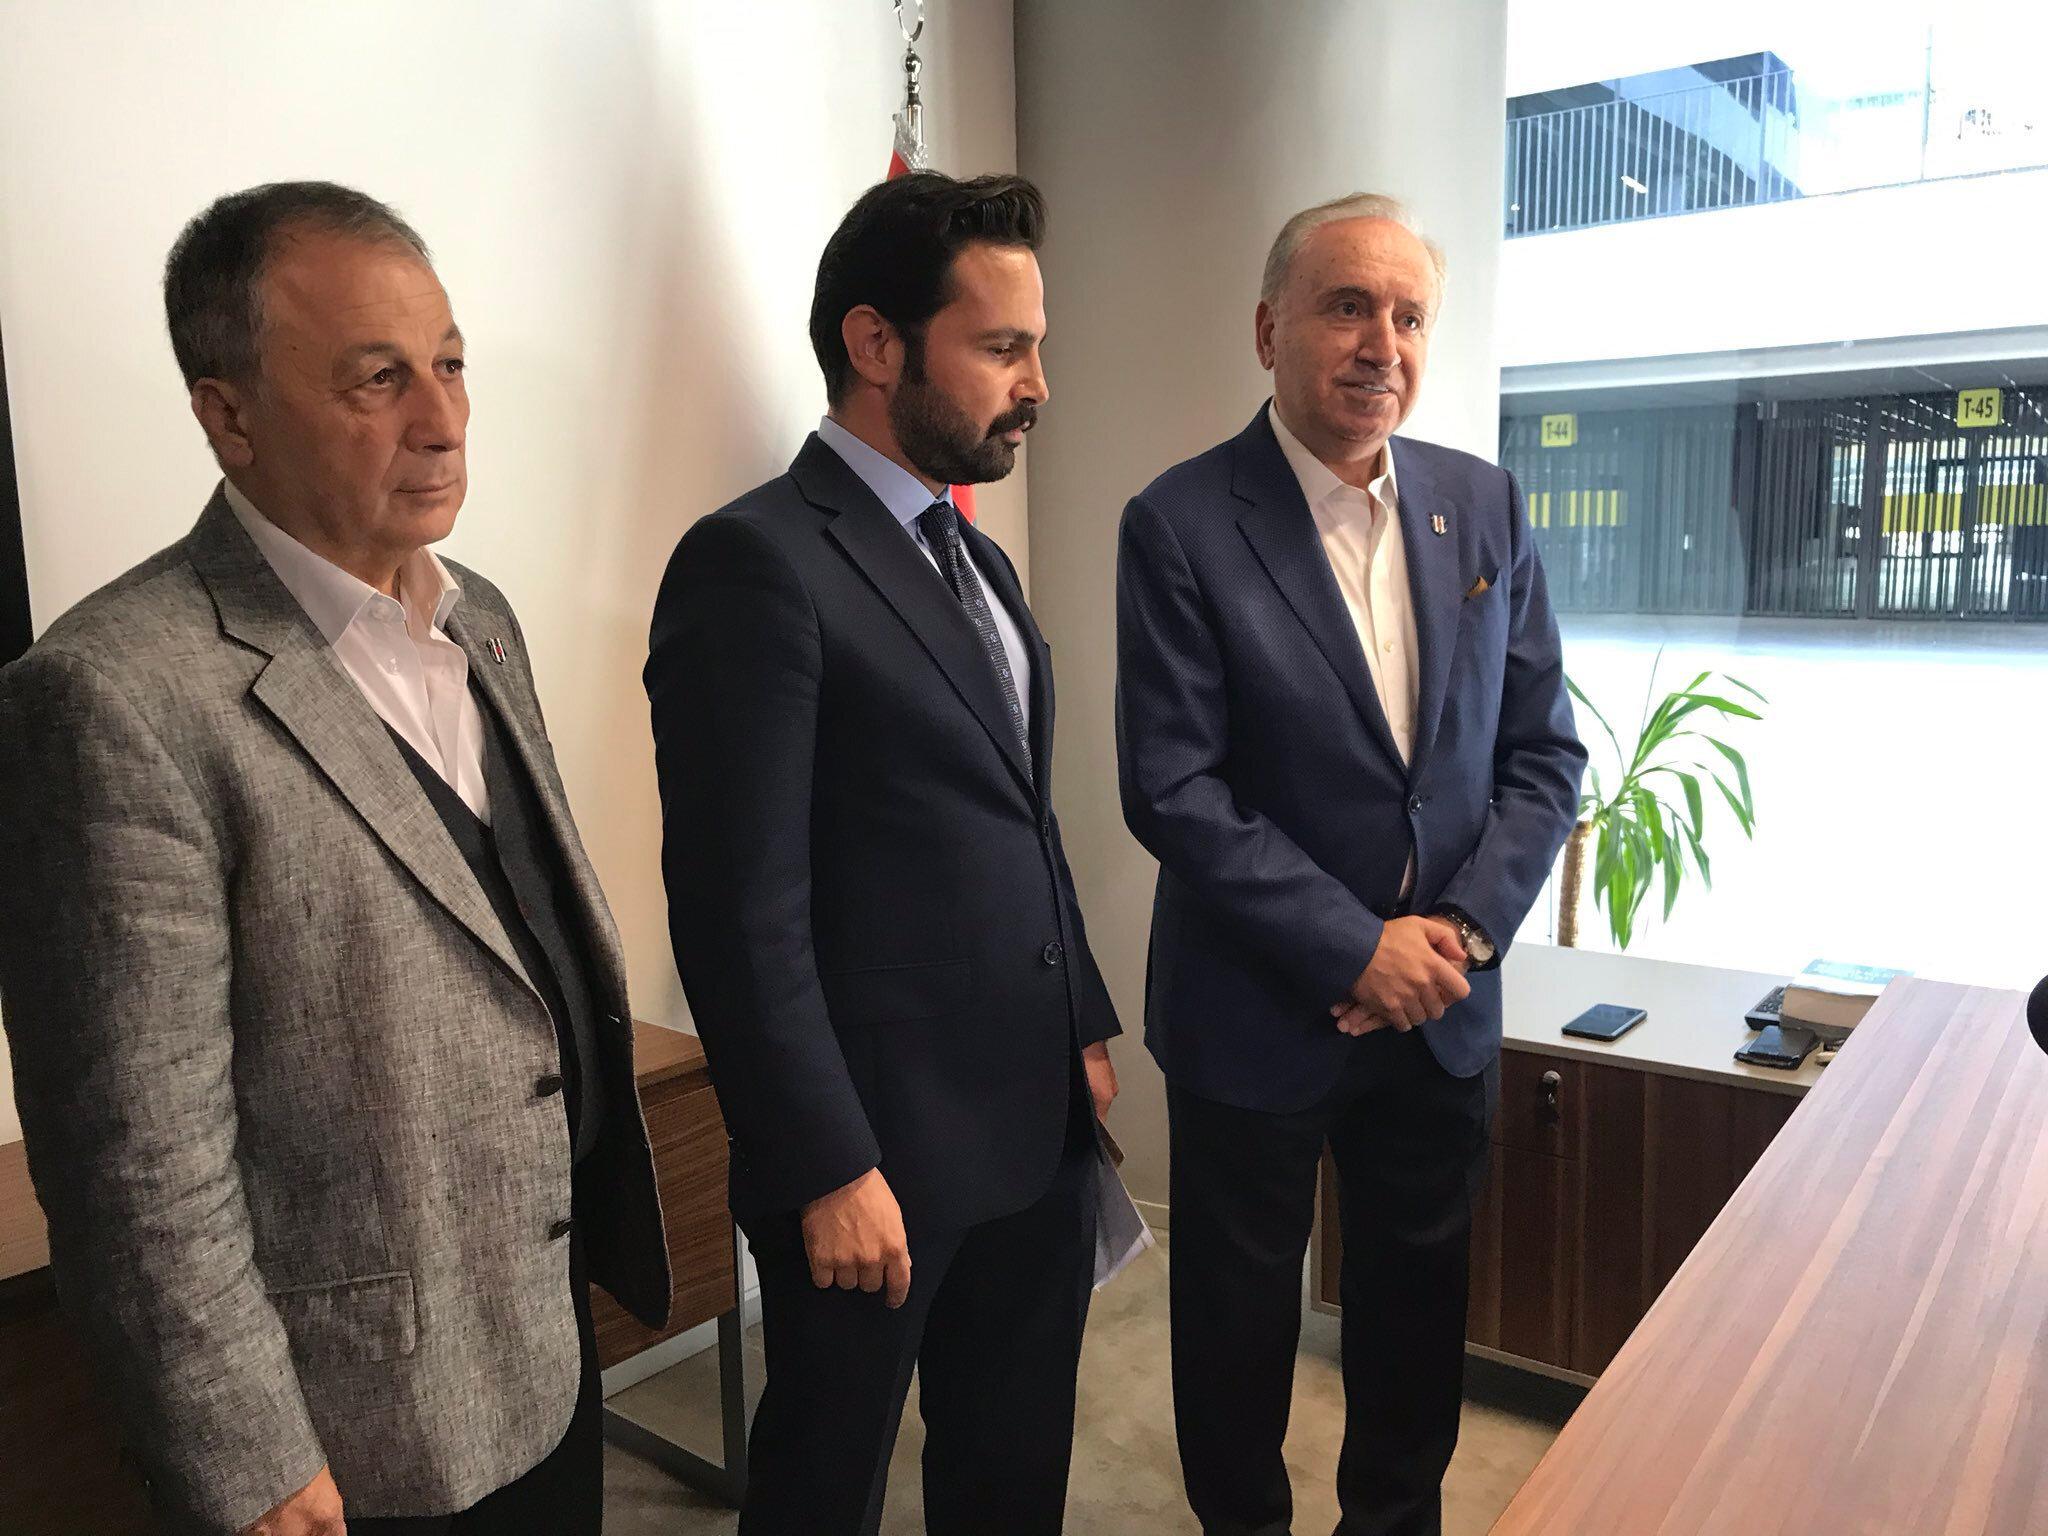 Hürser Tekinoktay'ın başkanlık başvurusunu avukatı Aker Çıtak yaptı.